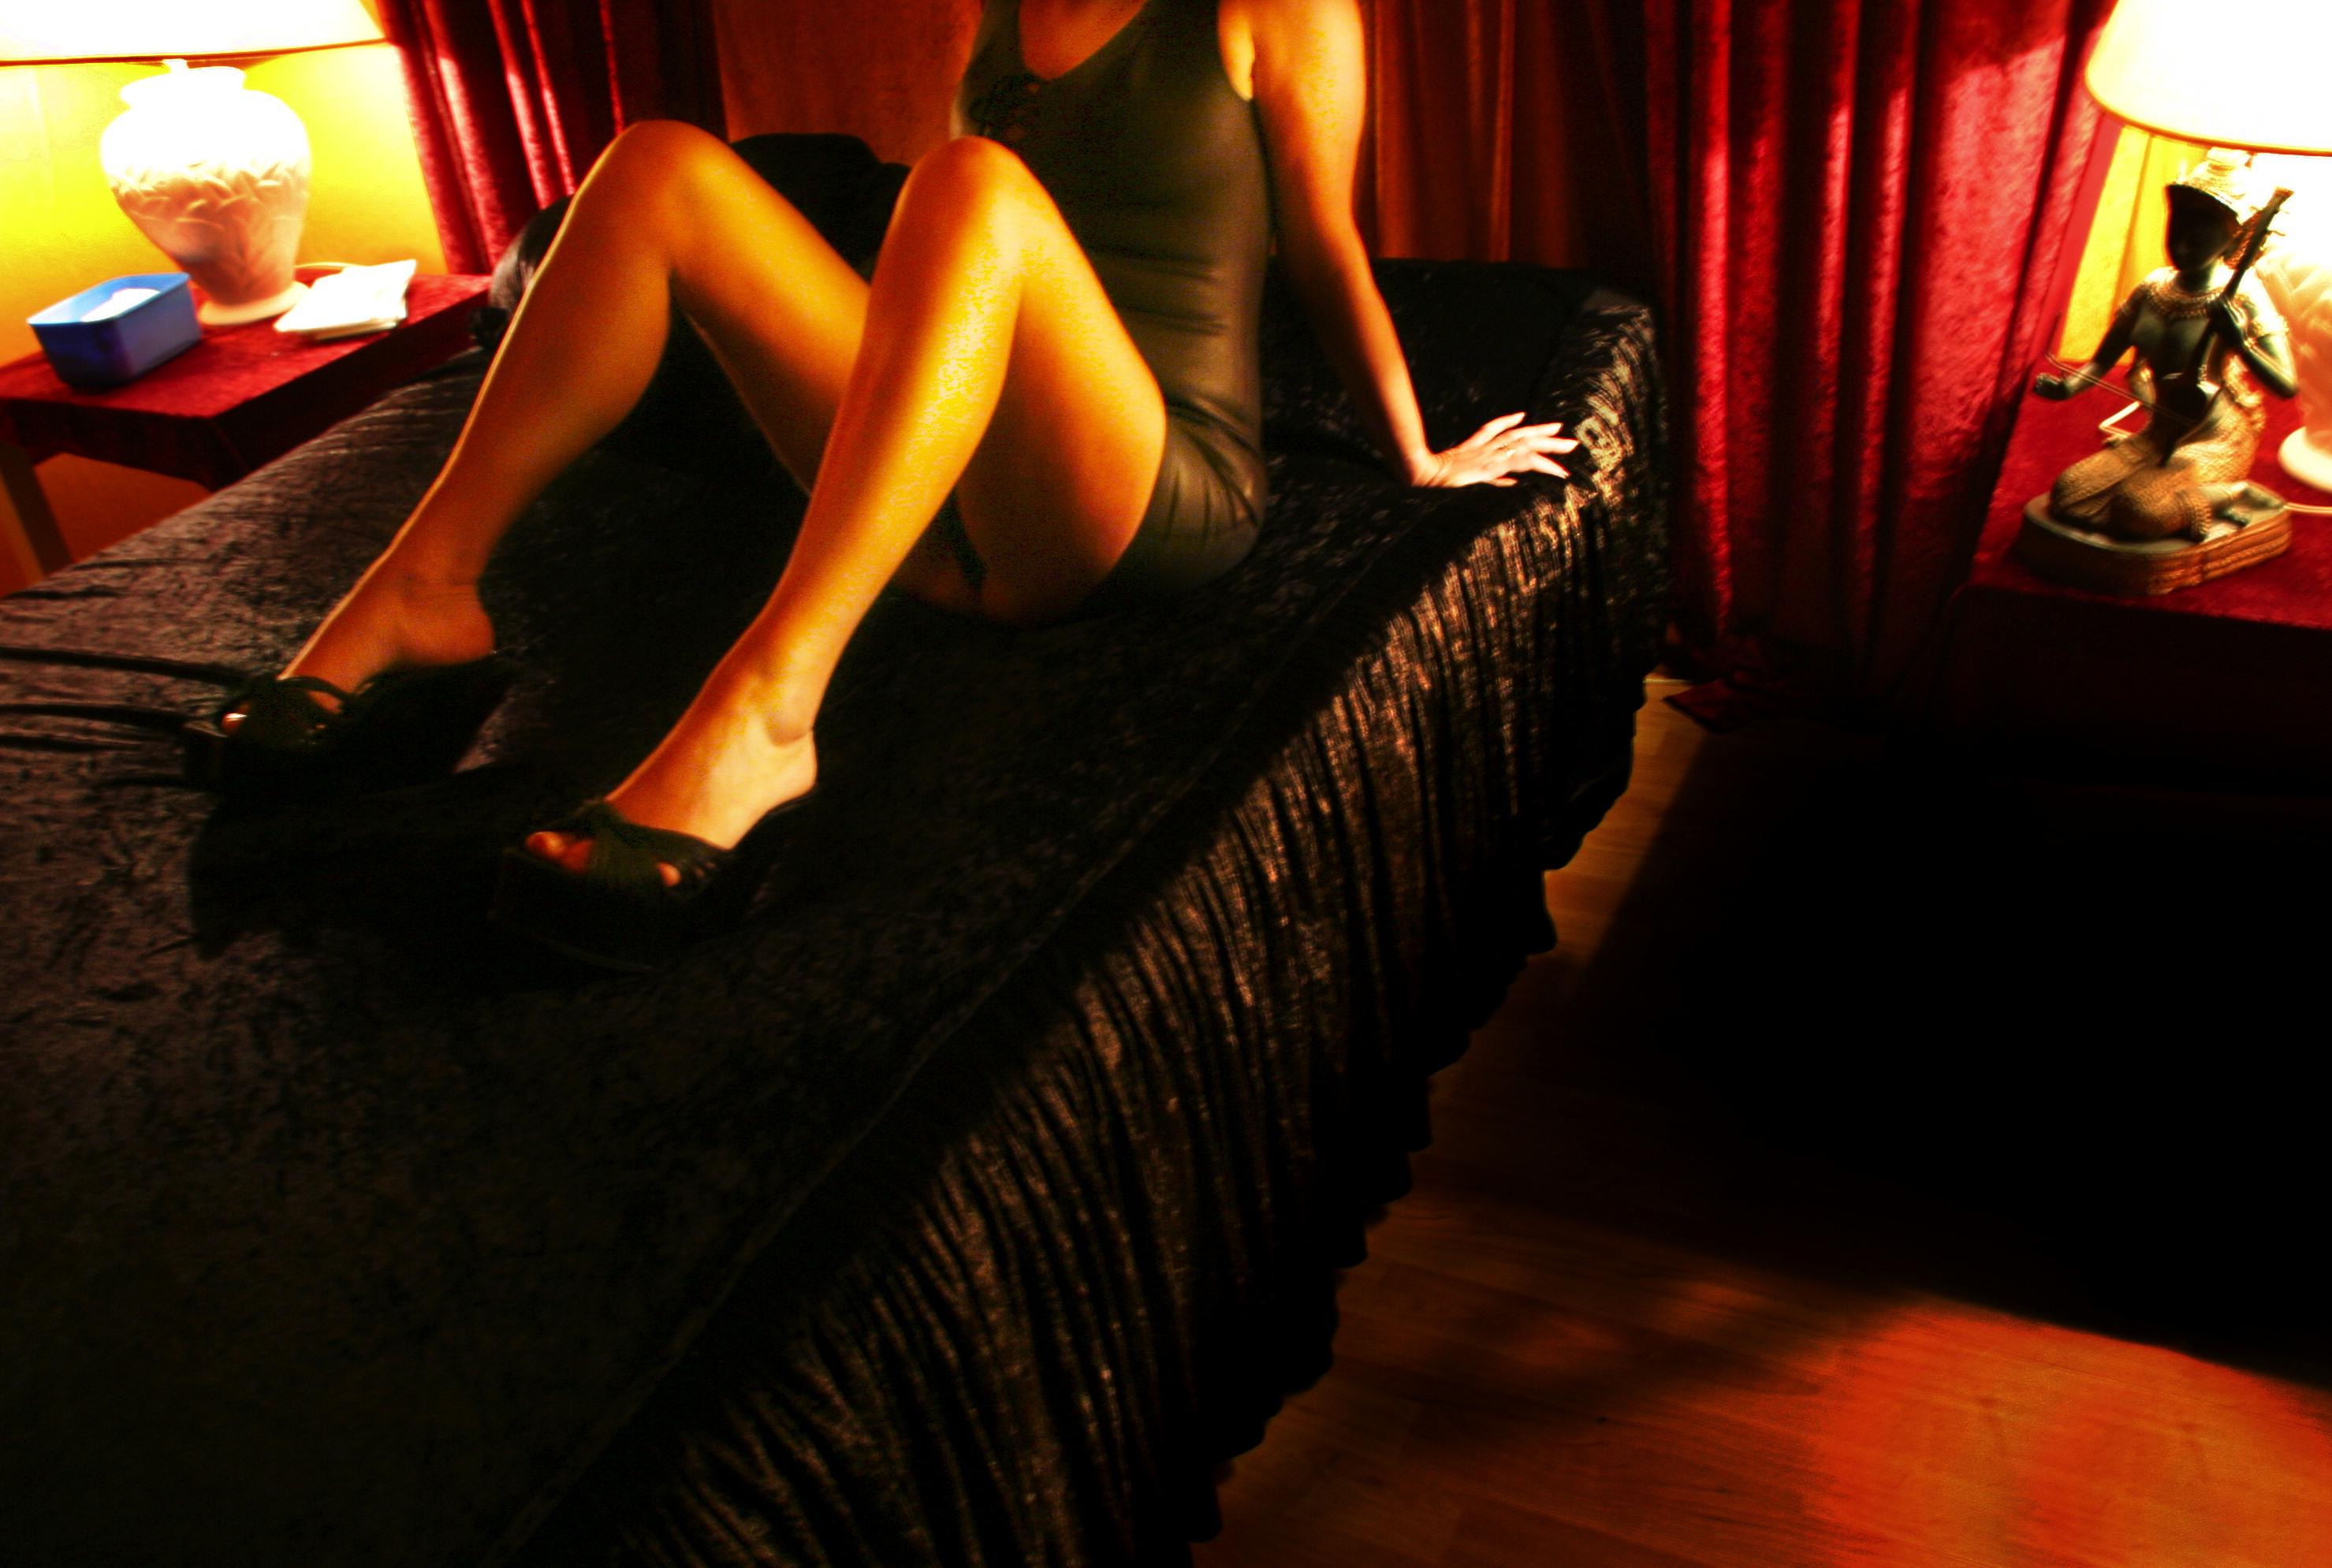 Фото проституток голандии 6 фотография